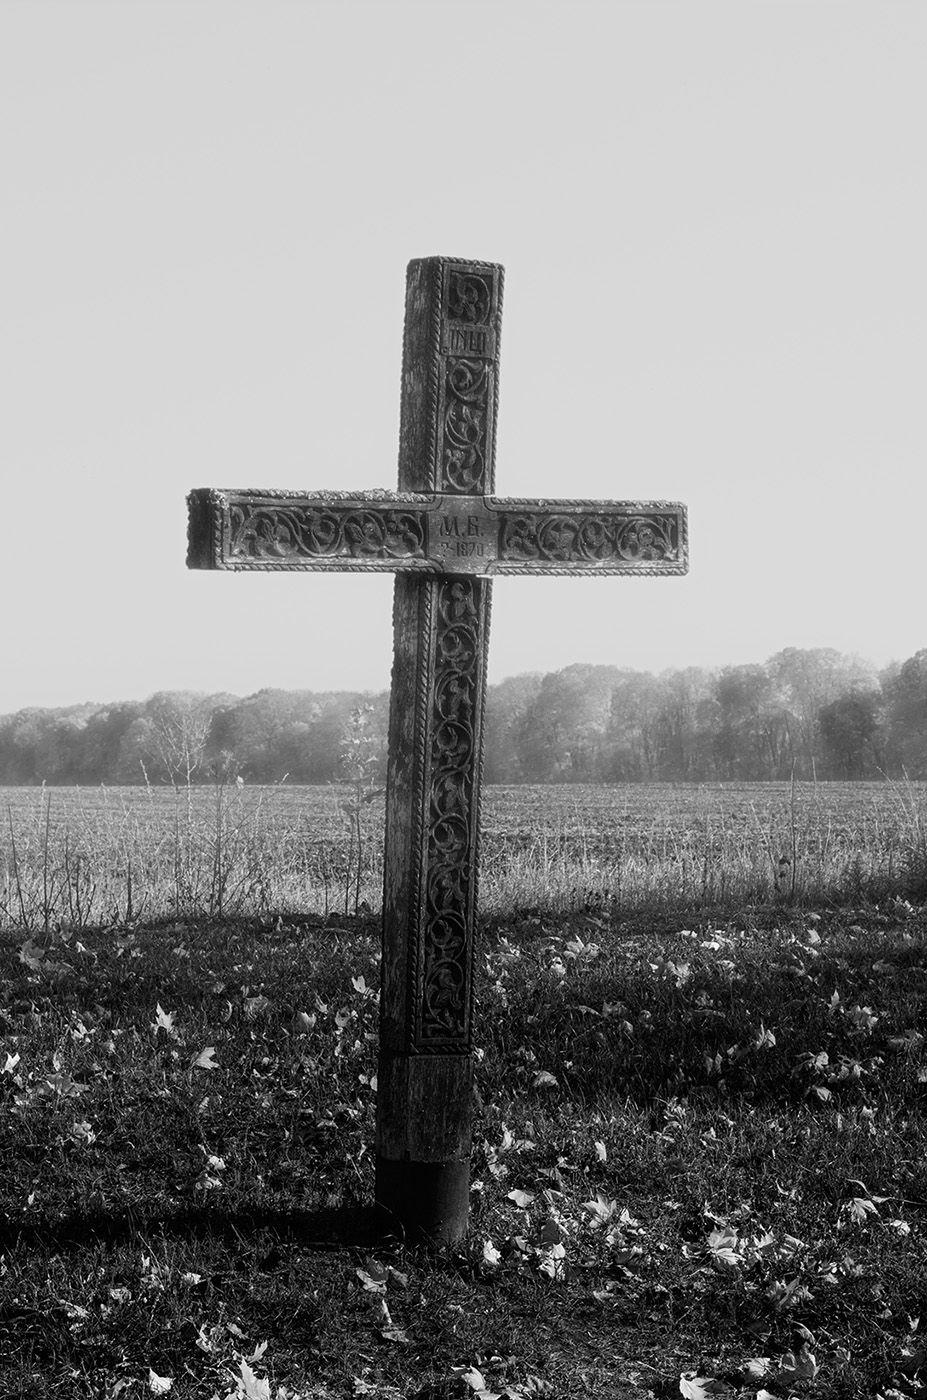 Хрест за церквою Садиби Качанівка - Photo by Oleksii Marchenko